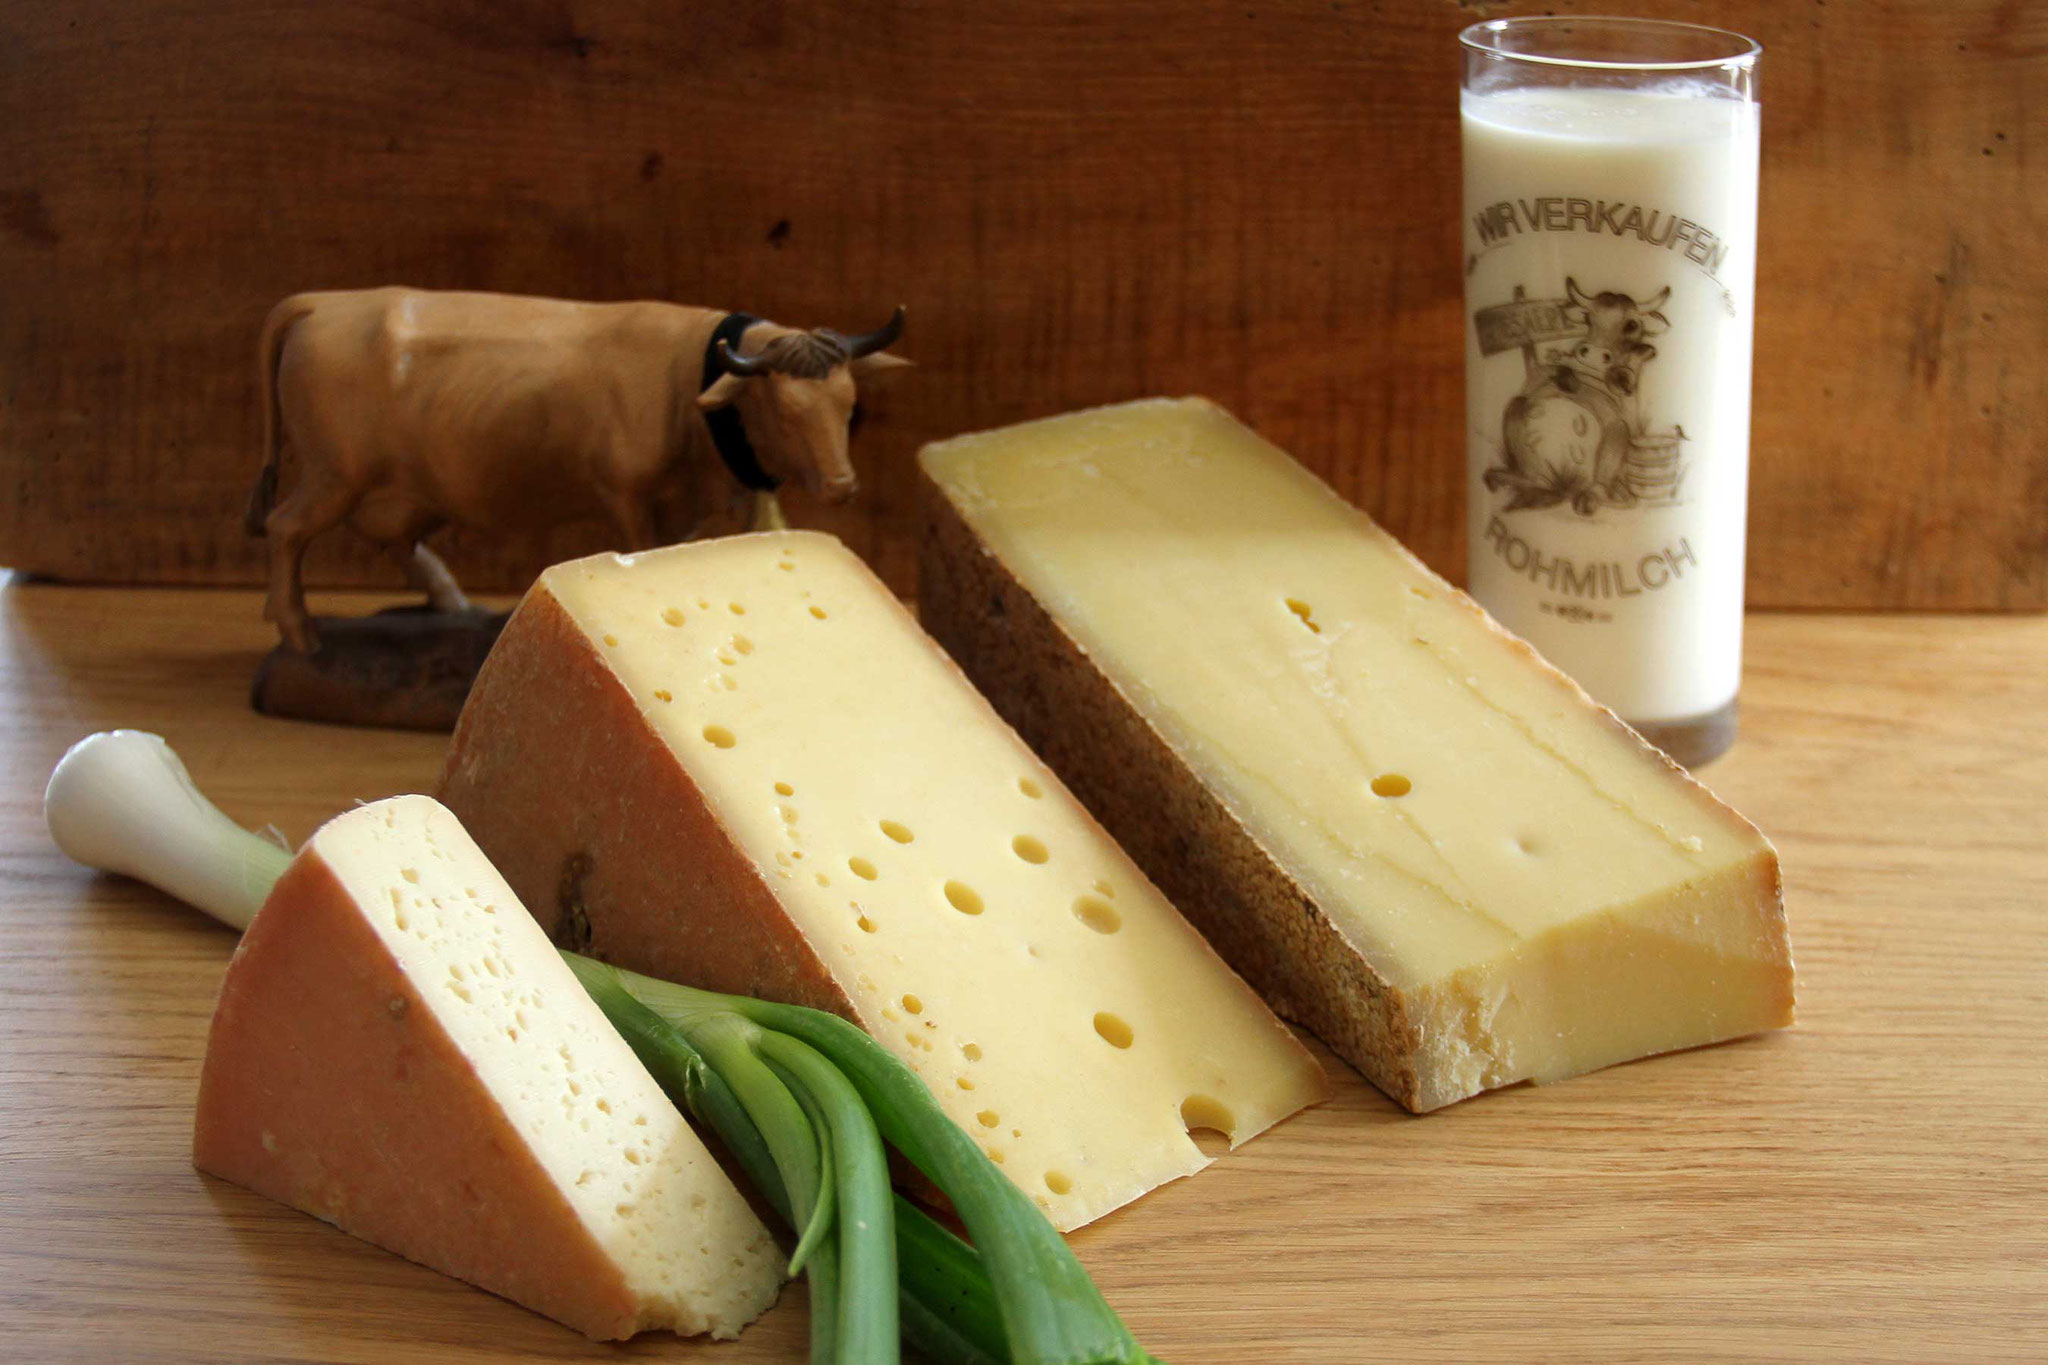 Innere Wiesalpe Kleinwalsertal, Ausflugsziel, Alpe, Brotzeit – Käse zum Mitnehmen